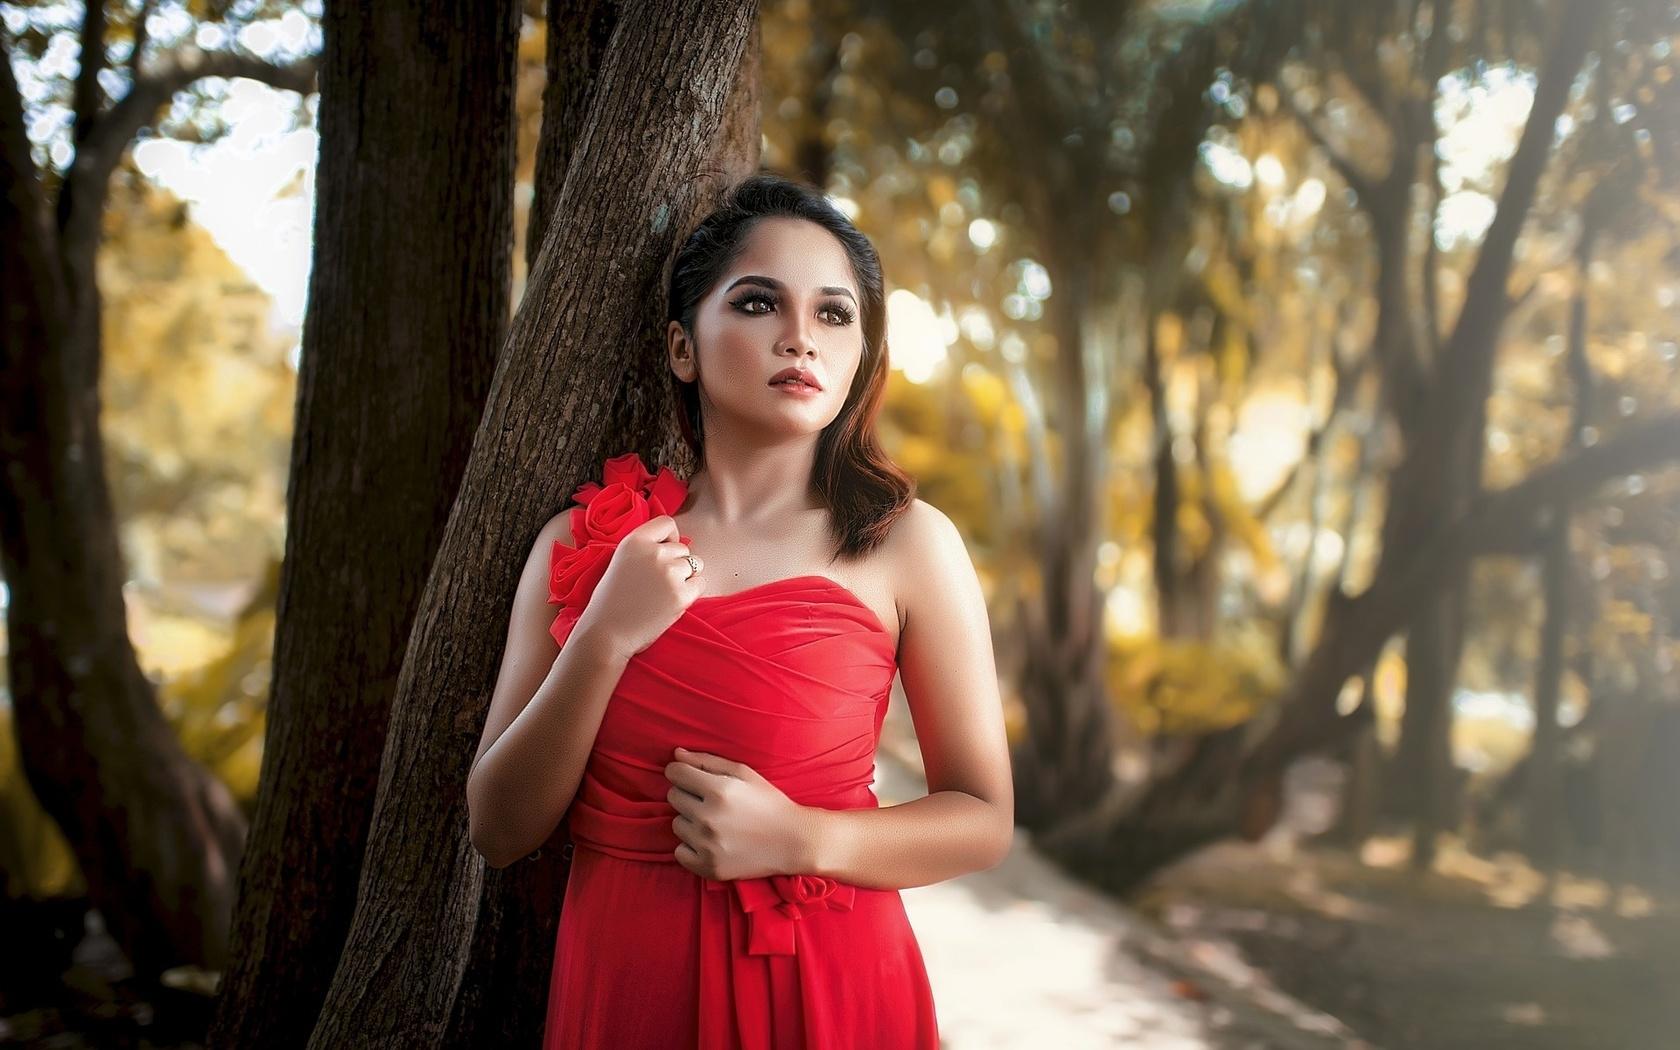 девушка, в красном, дерево, природа, боке